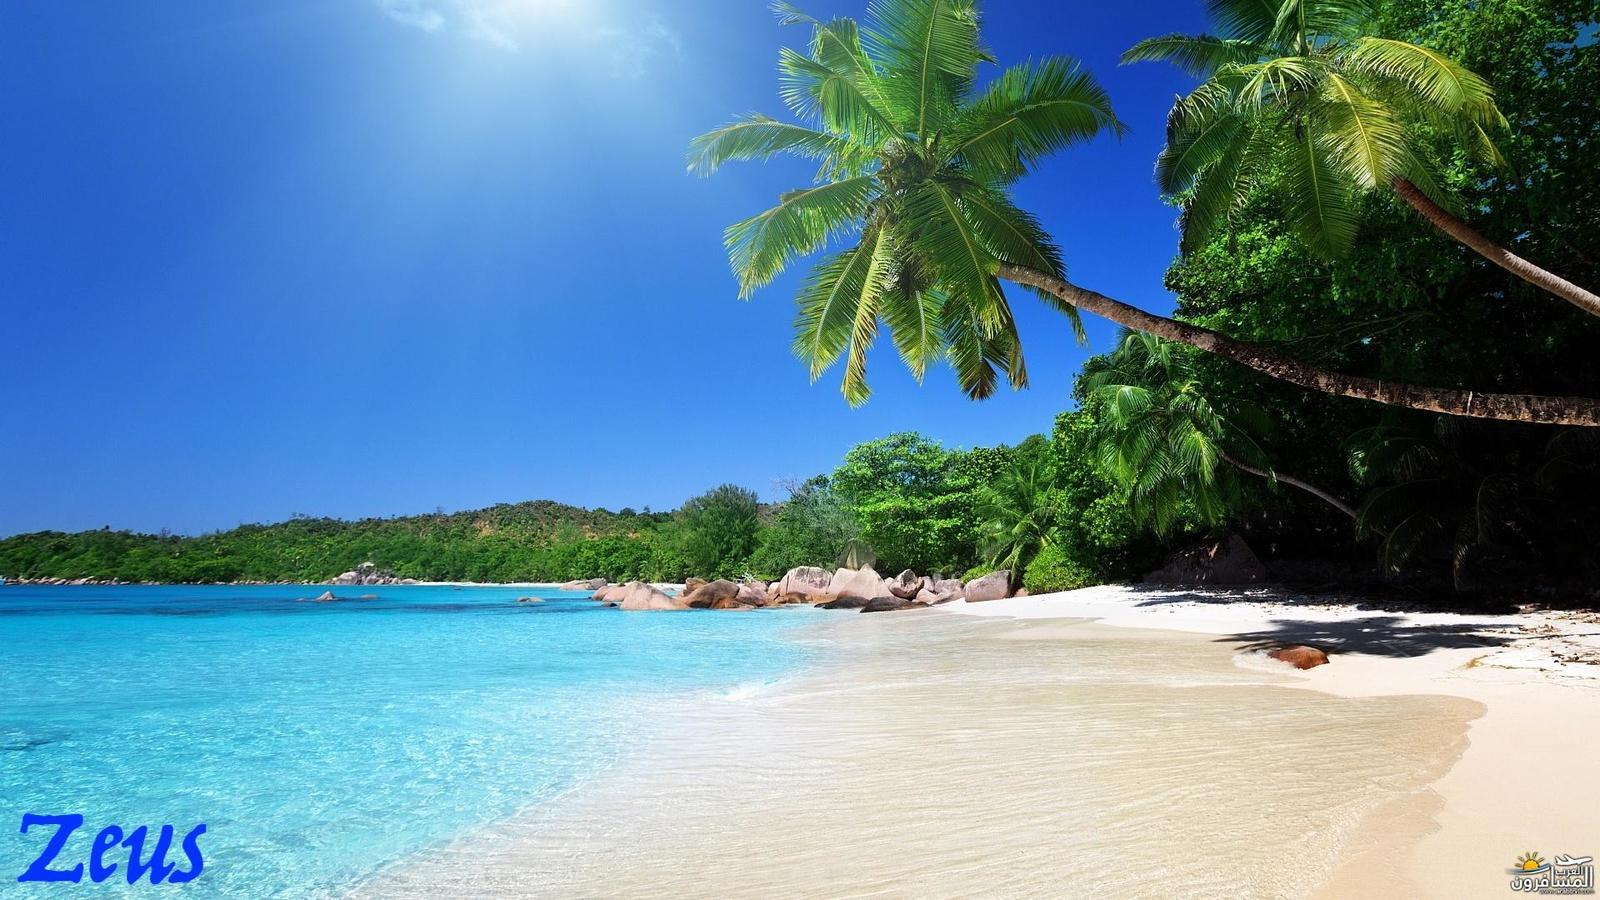 484748 المسافرون العرب الأماكن السياحية في سريلانكا